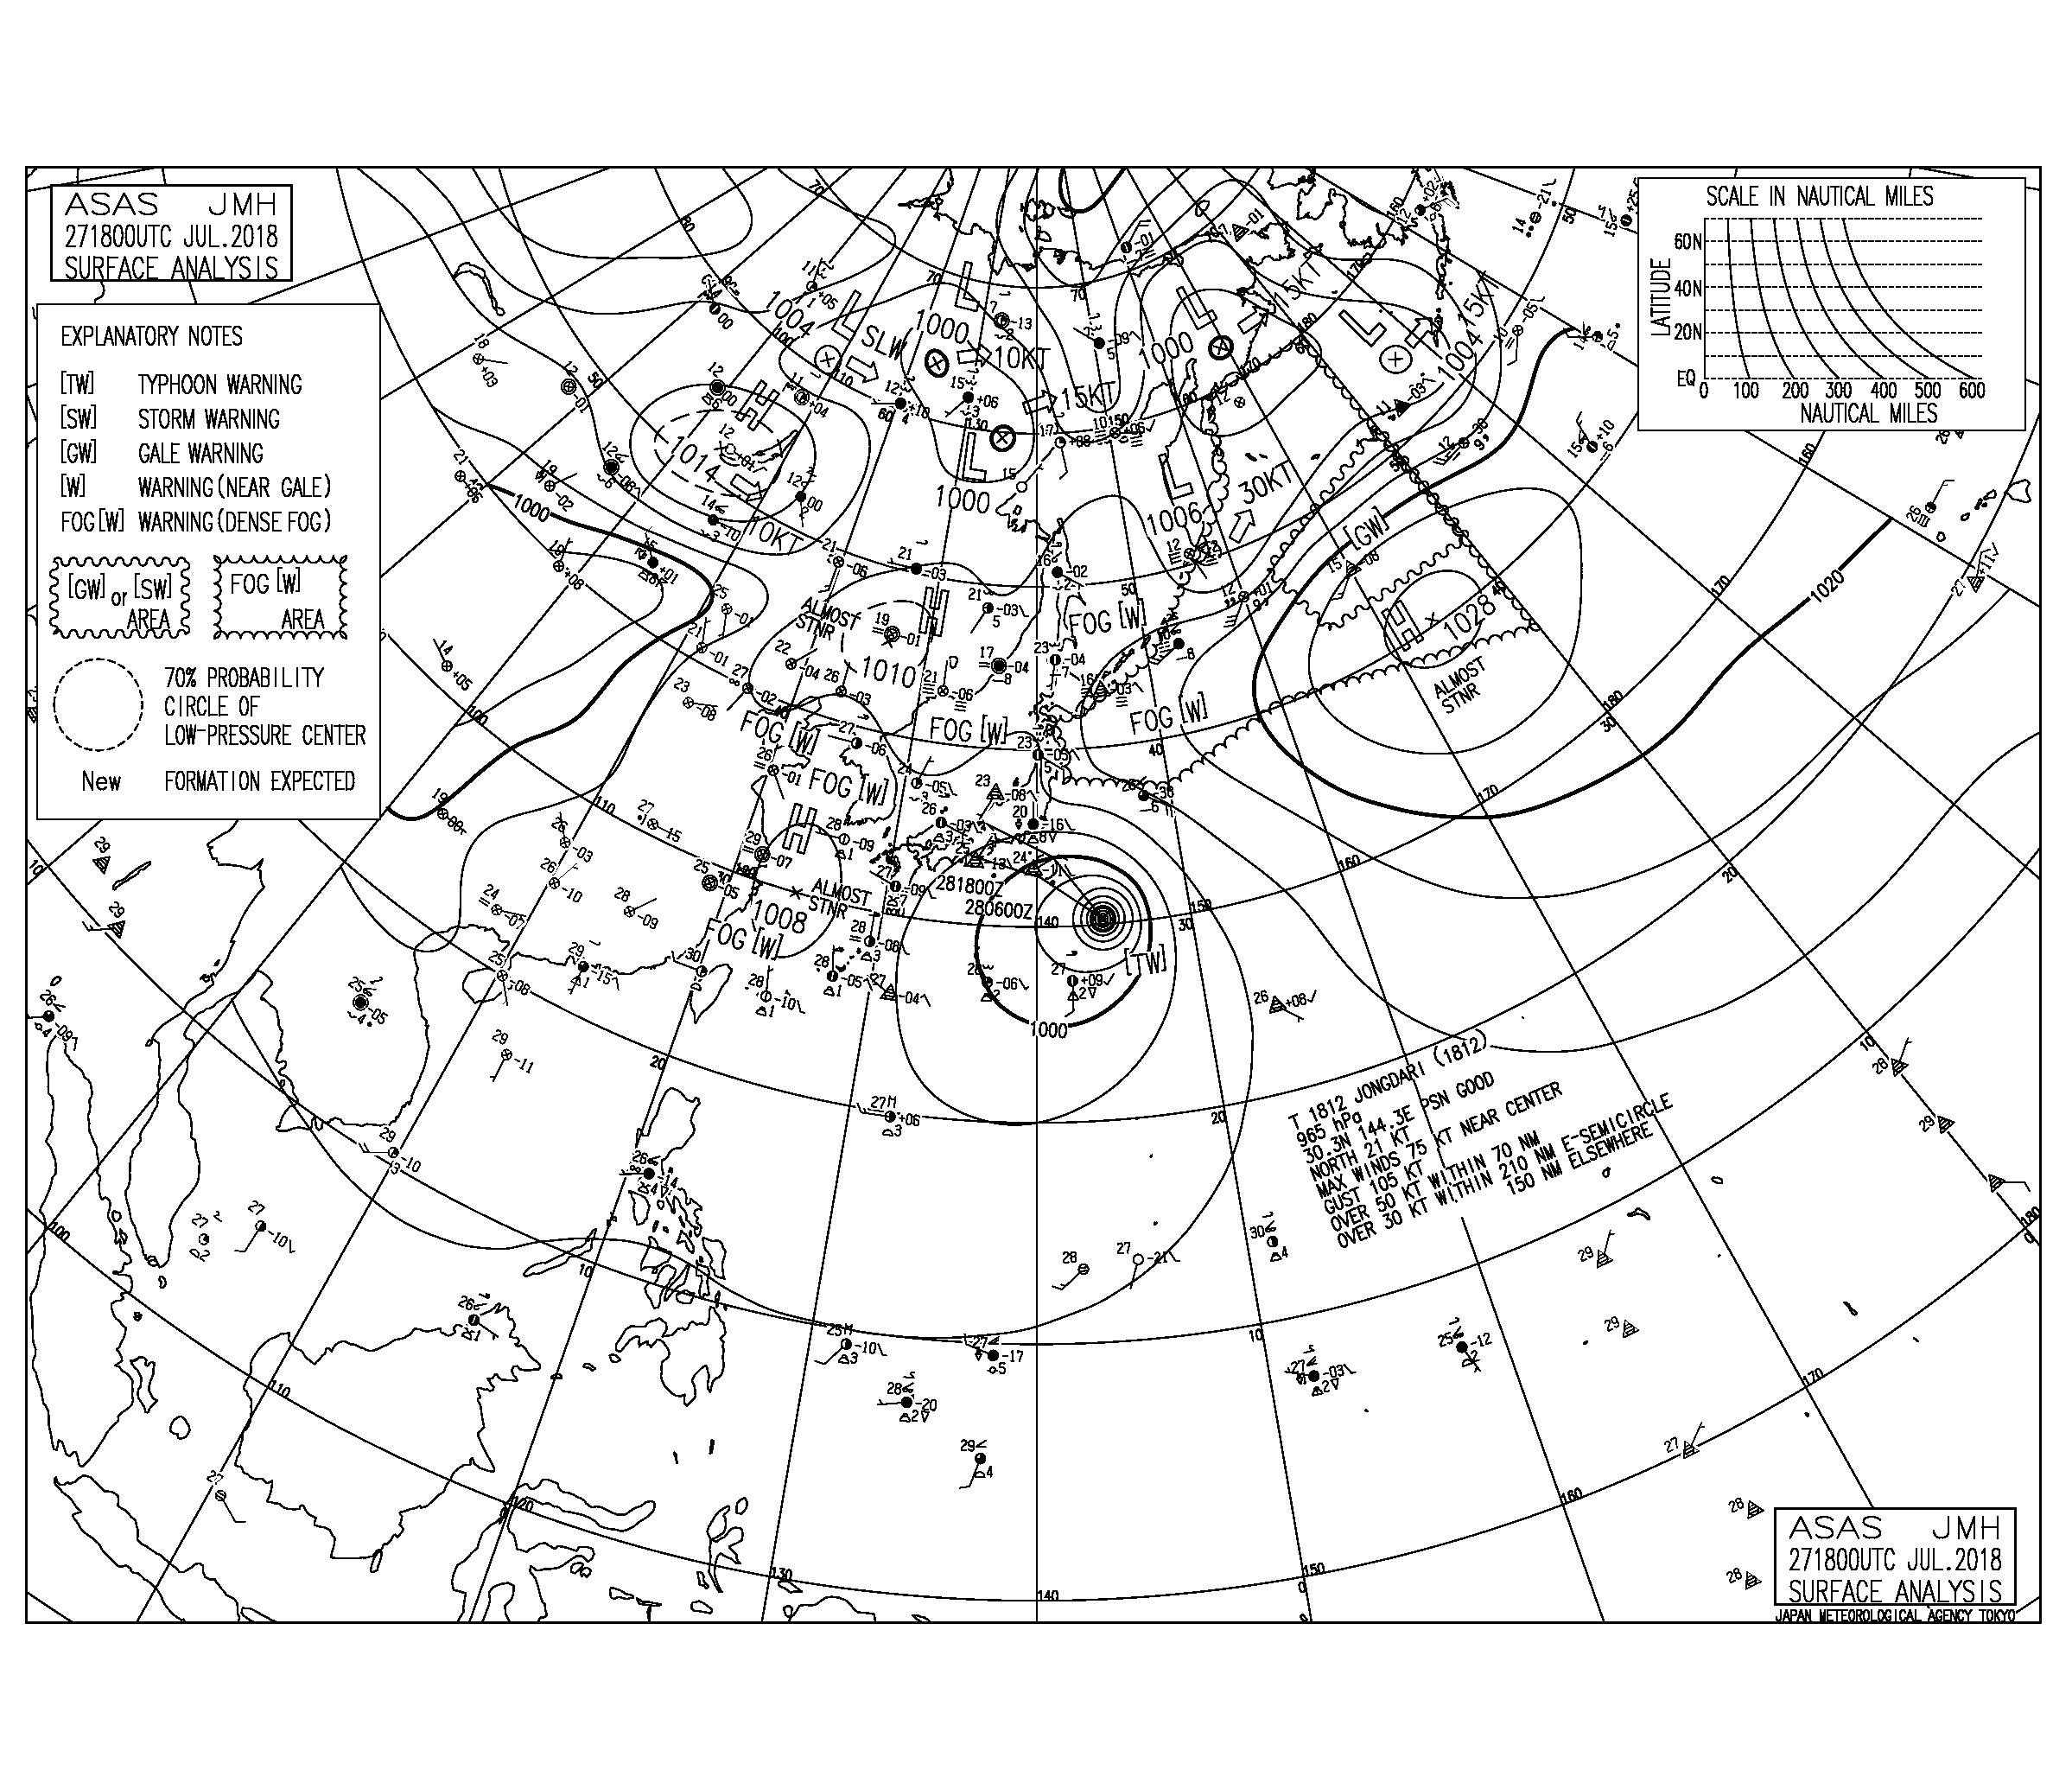 台風12号が接近、関東は昼過ぎから大雨と暴風に厳重警戒【2018.7.28】